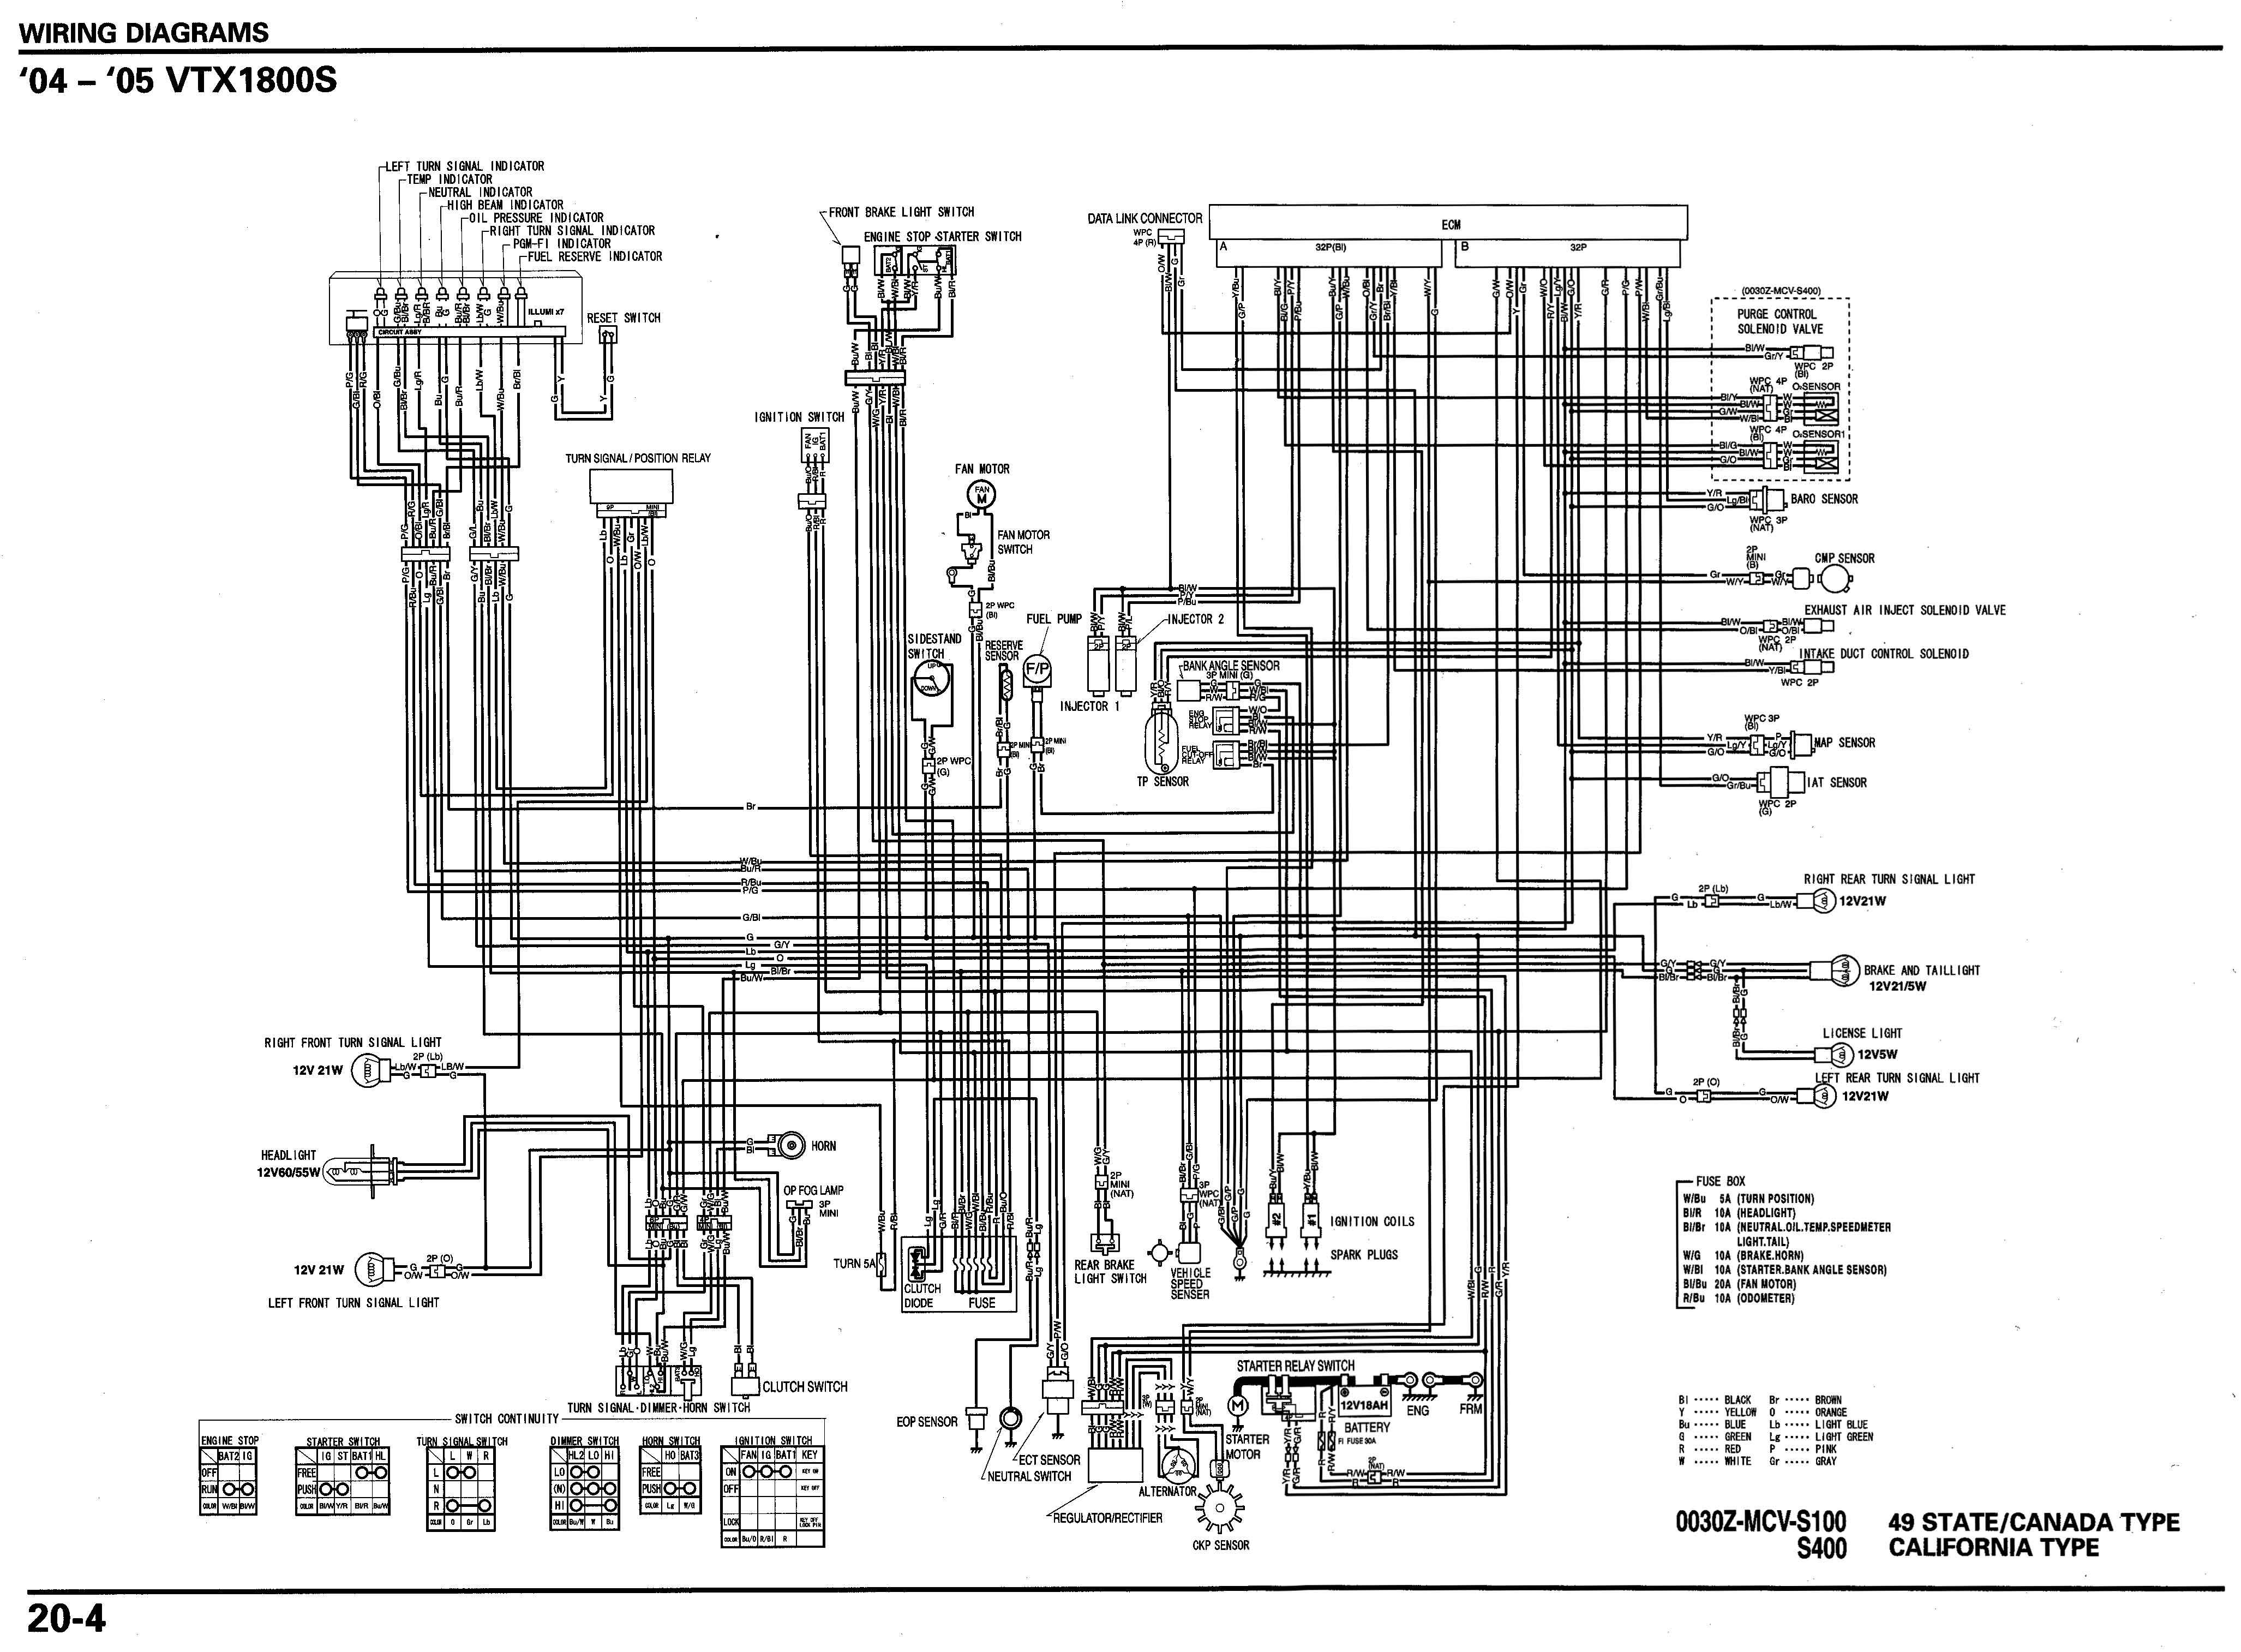 2008 honda goldwing wiring diagram wiring diagram gol2003 honda goldwing wiring wiring diagrams 2008 honda goldwing gl1800 wiring diagram wiring diagram g8 2003